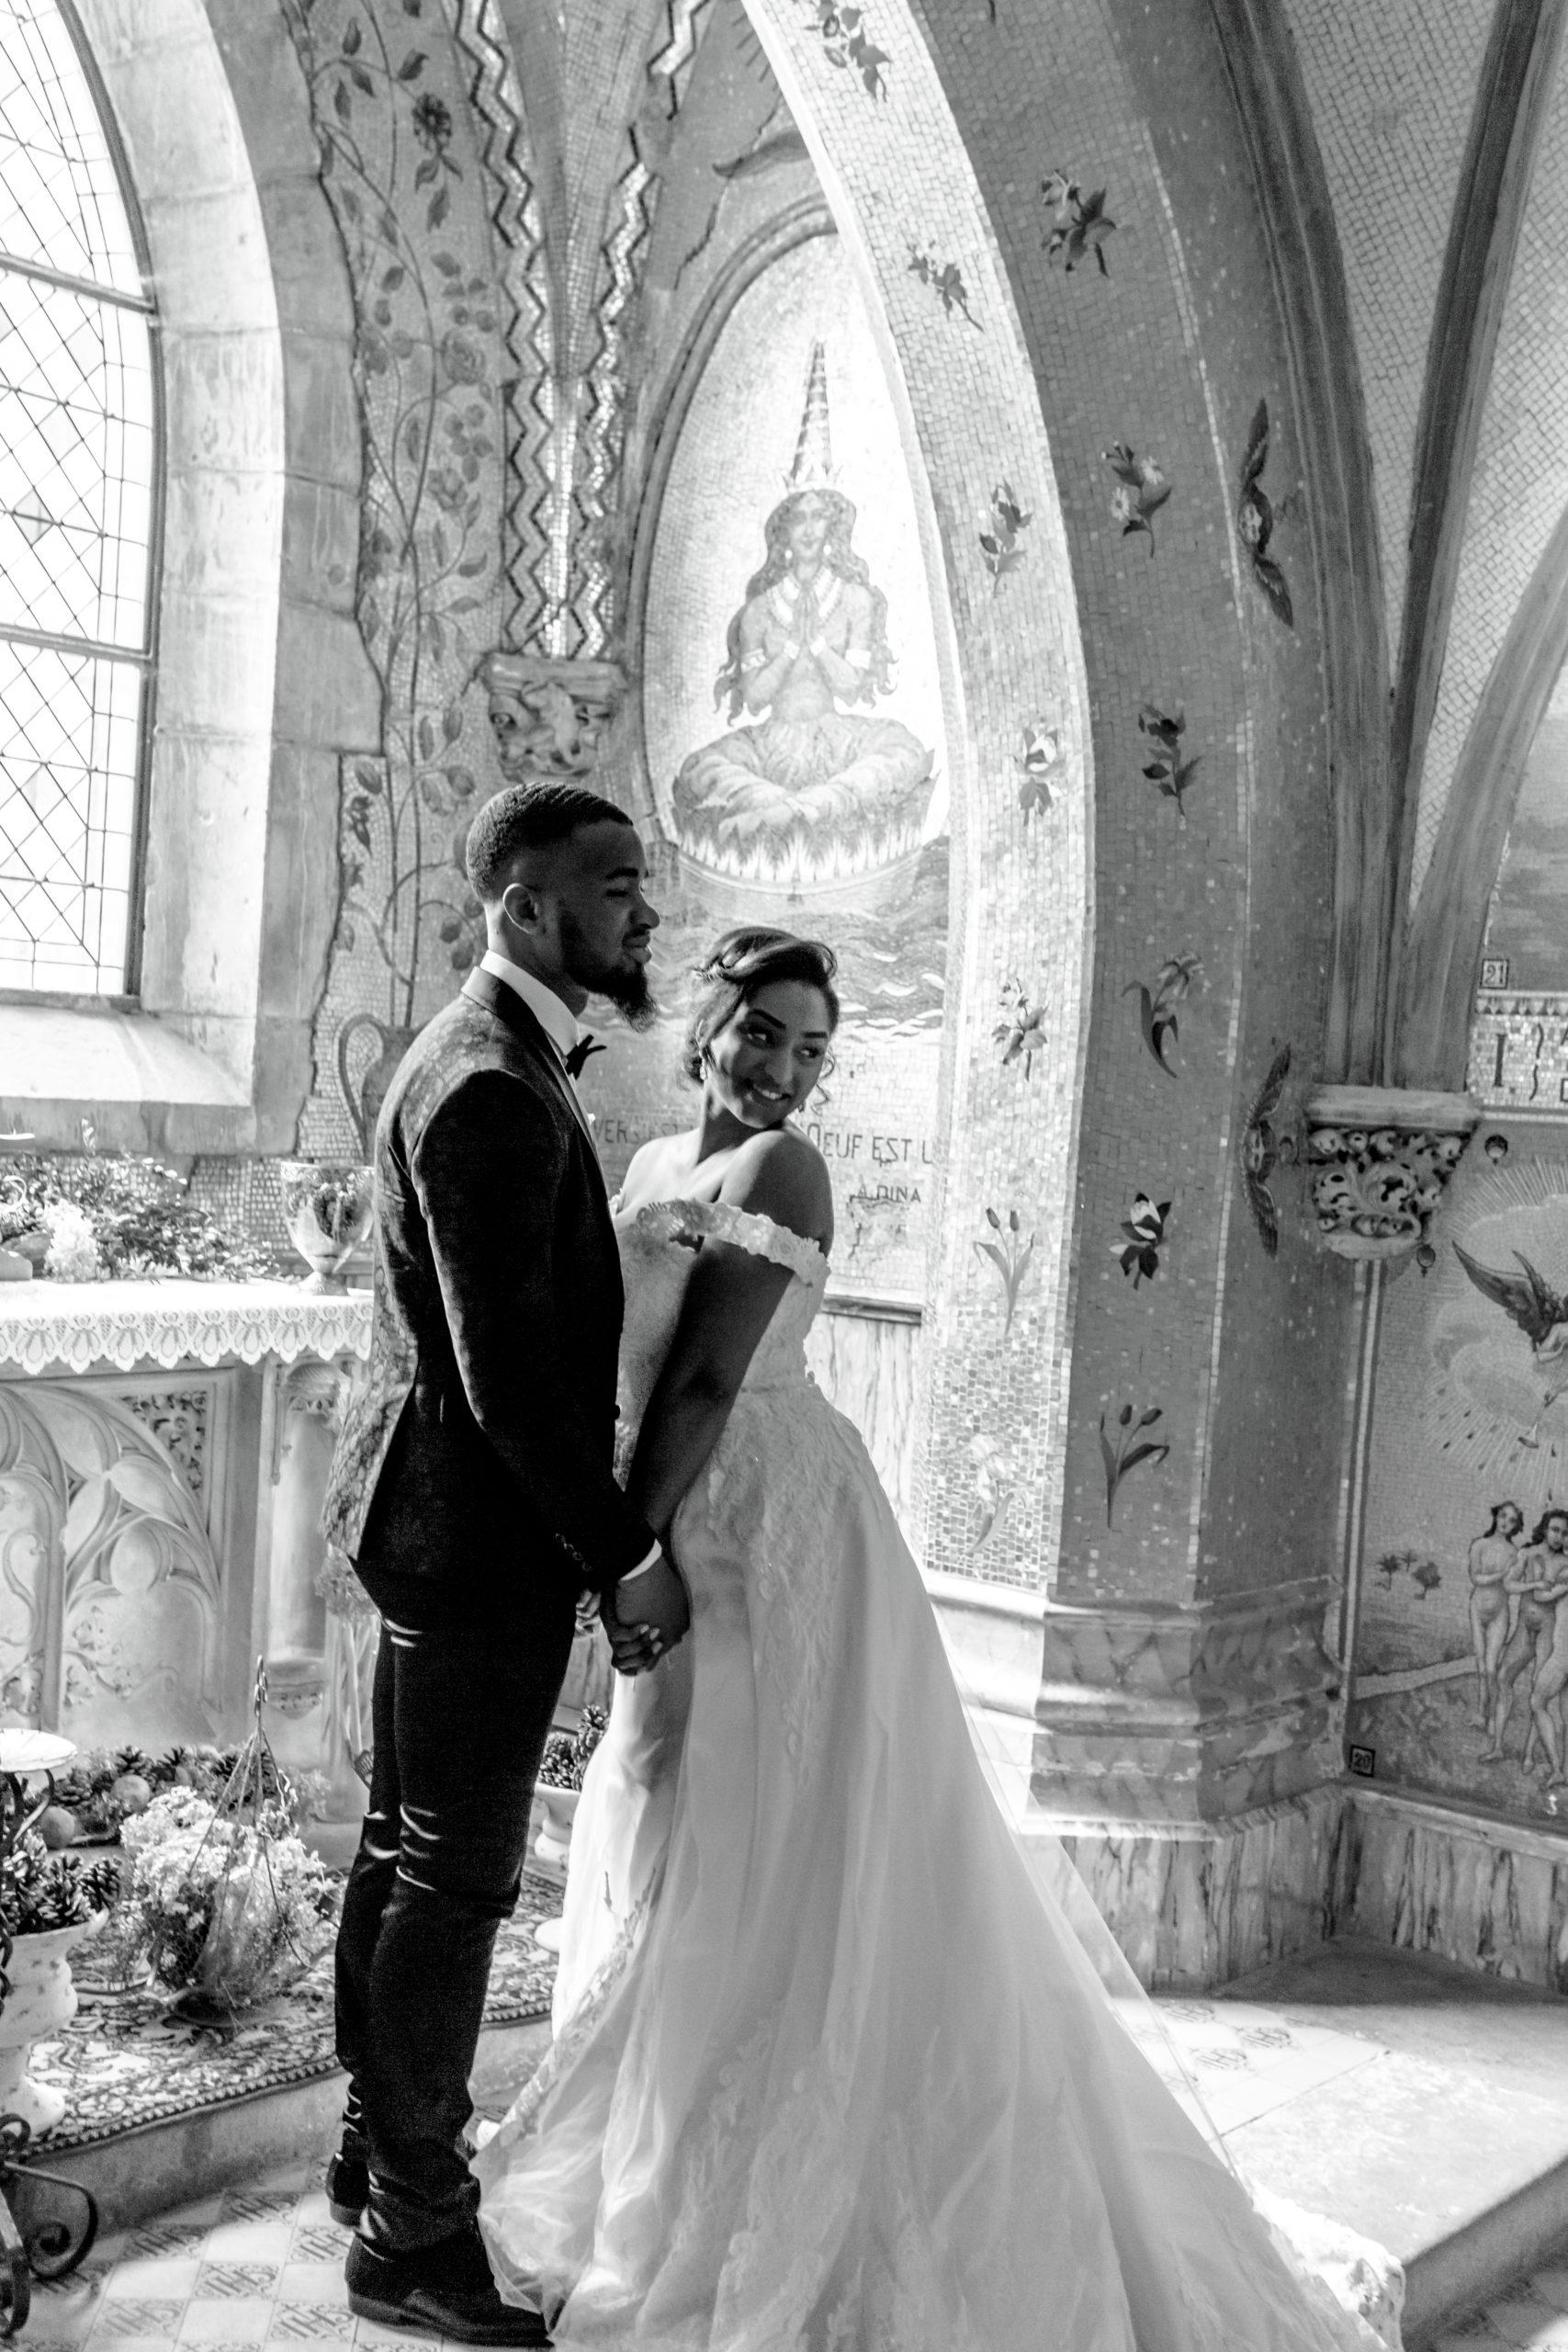 Décoration champêtre de mariage avec fput et caisses décoratives - thème nature chic